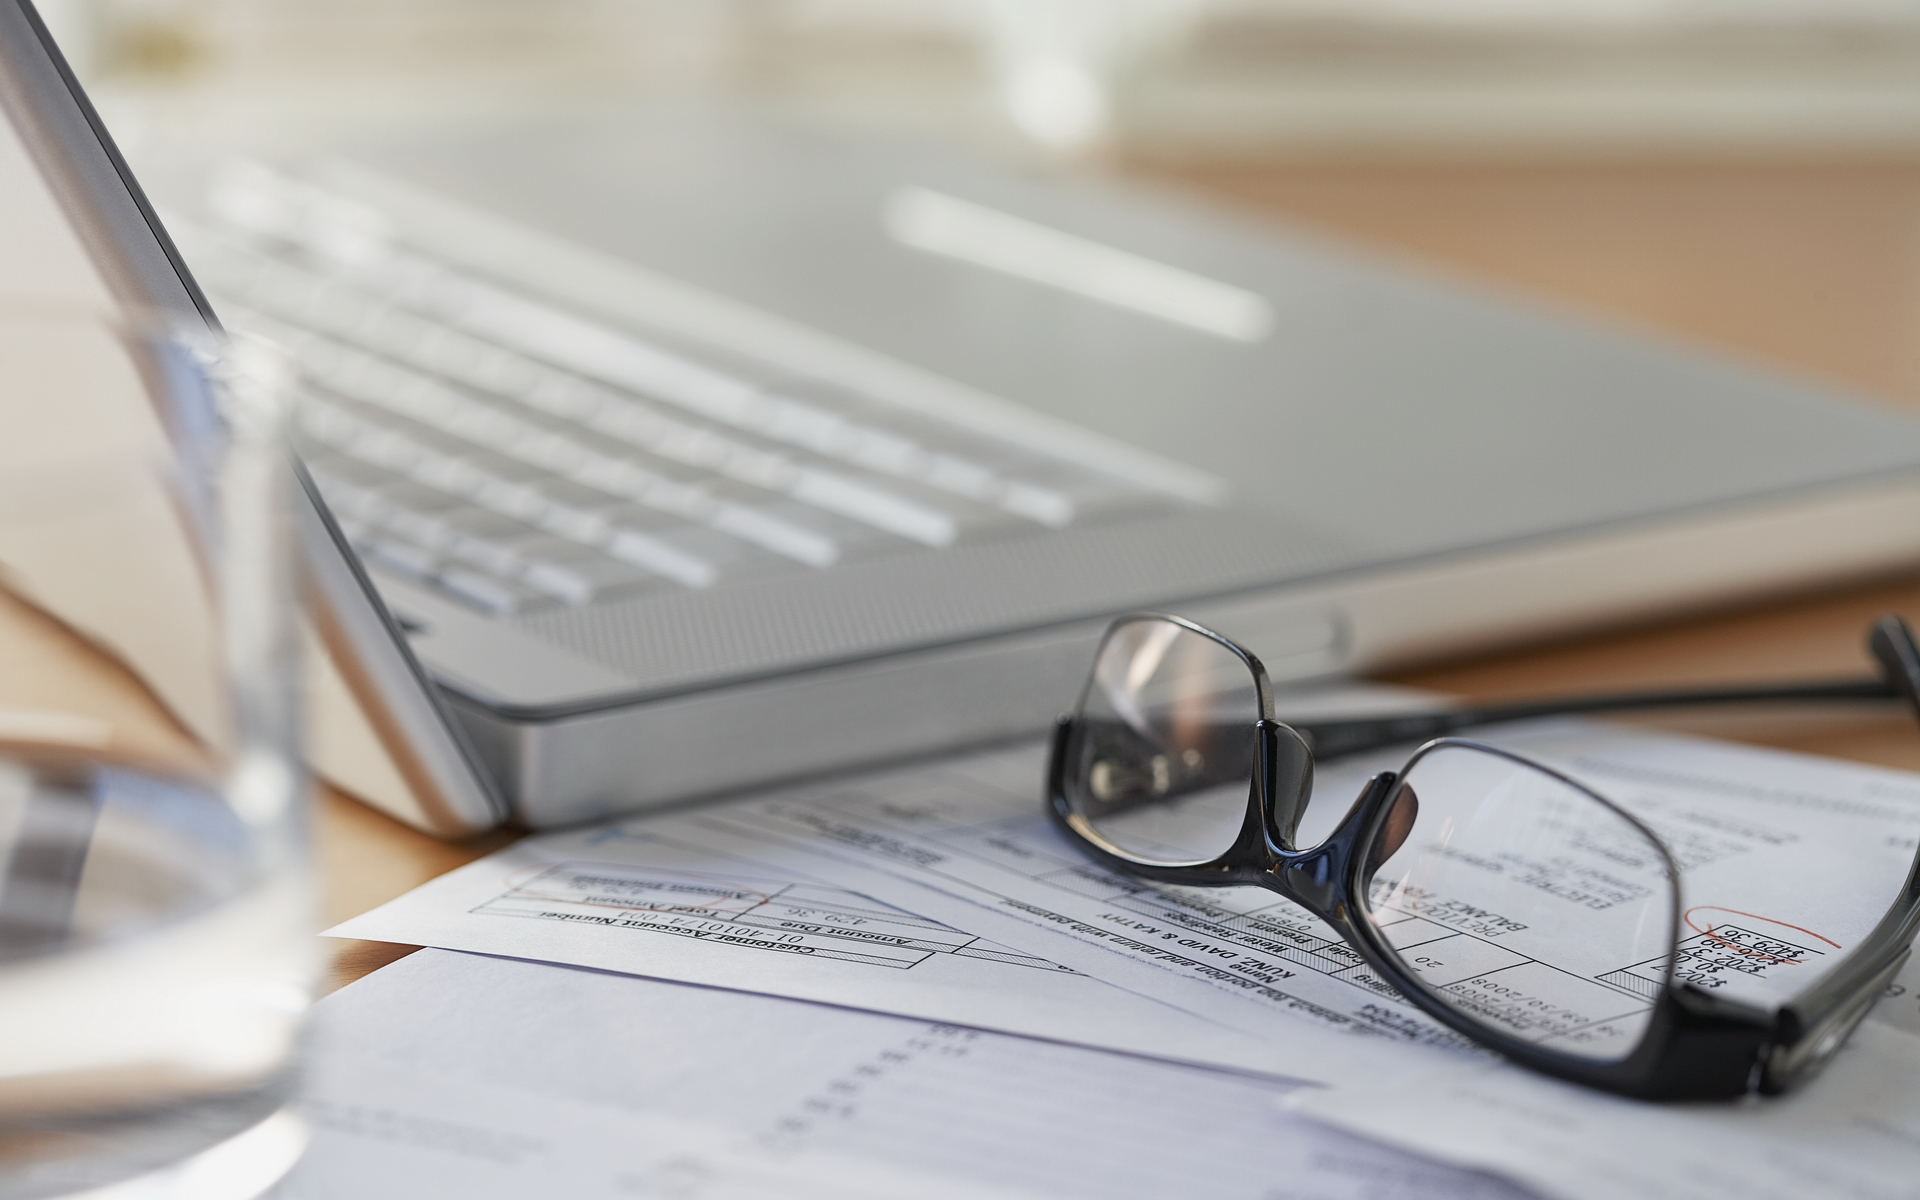 """Kvalifikācijas celšanas kurss grāmatvežiem Liepājā – """"Grāmatvedības kārtošana 2019. gadā saskaņā ar Gada pārskatu un konsolidēto gada pārskatu likumu un MK noteikumiem, kas to skaidro, UIN deklarēšana saskaņā ar Uzņēmuma ienākuma nodokļa likumu."""" (30 māc.st.)"""